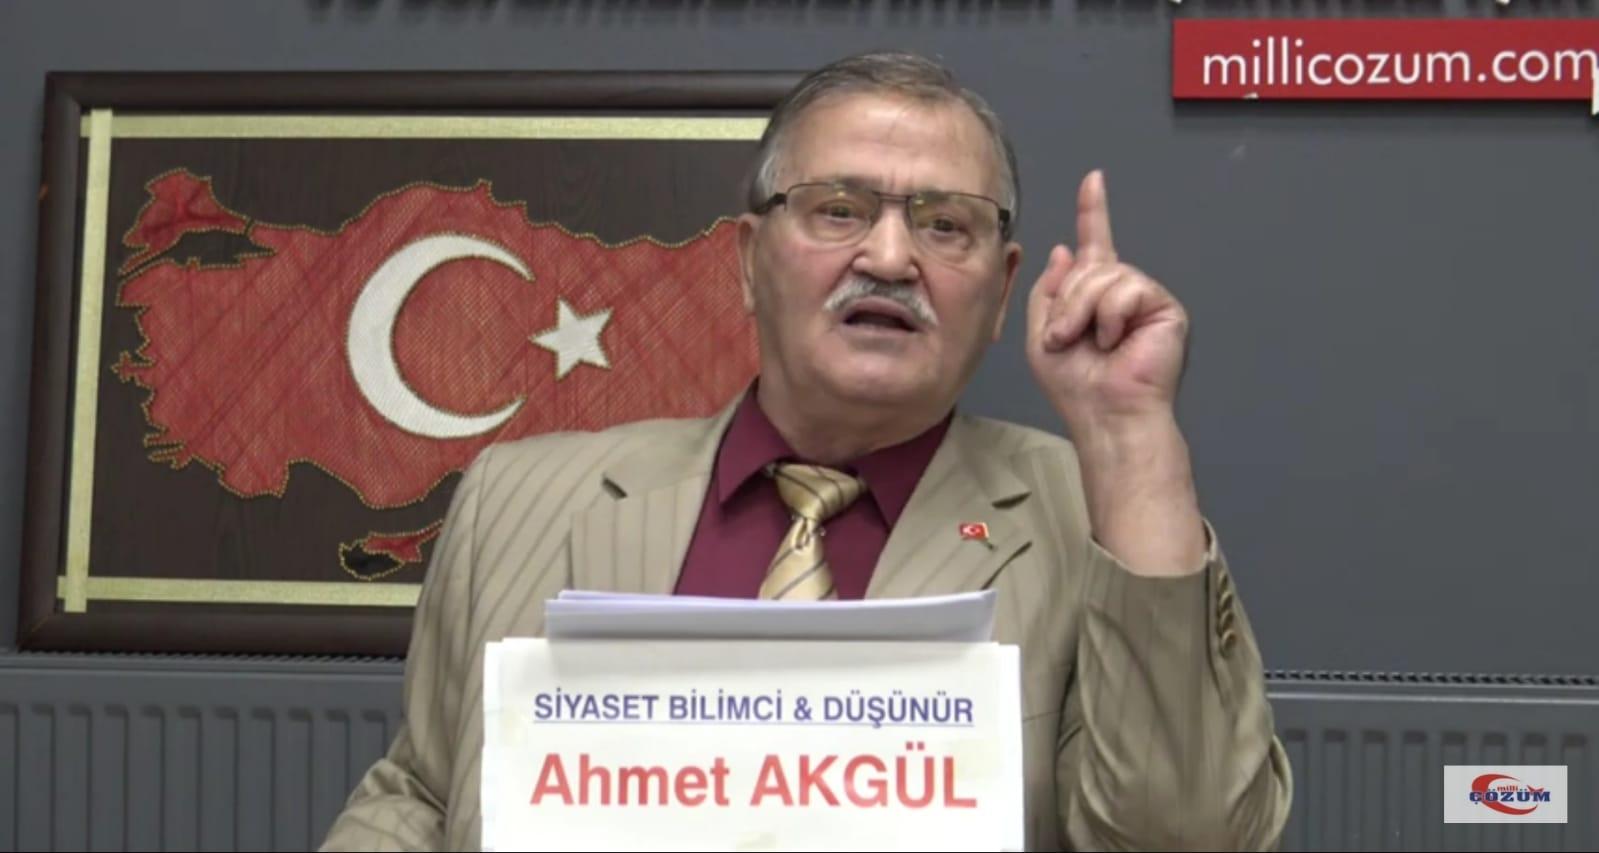 Sn. Fatih Altaylı'ya Bir Çağrı... Ve Adil Düzen'in Farkı